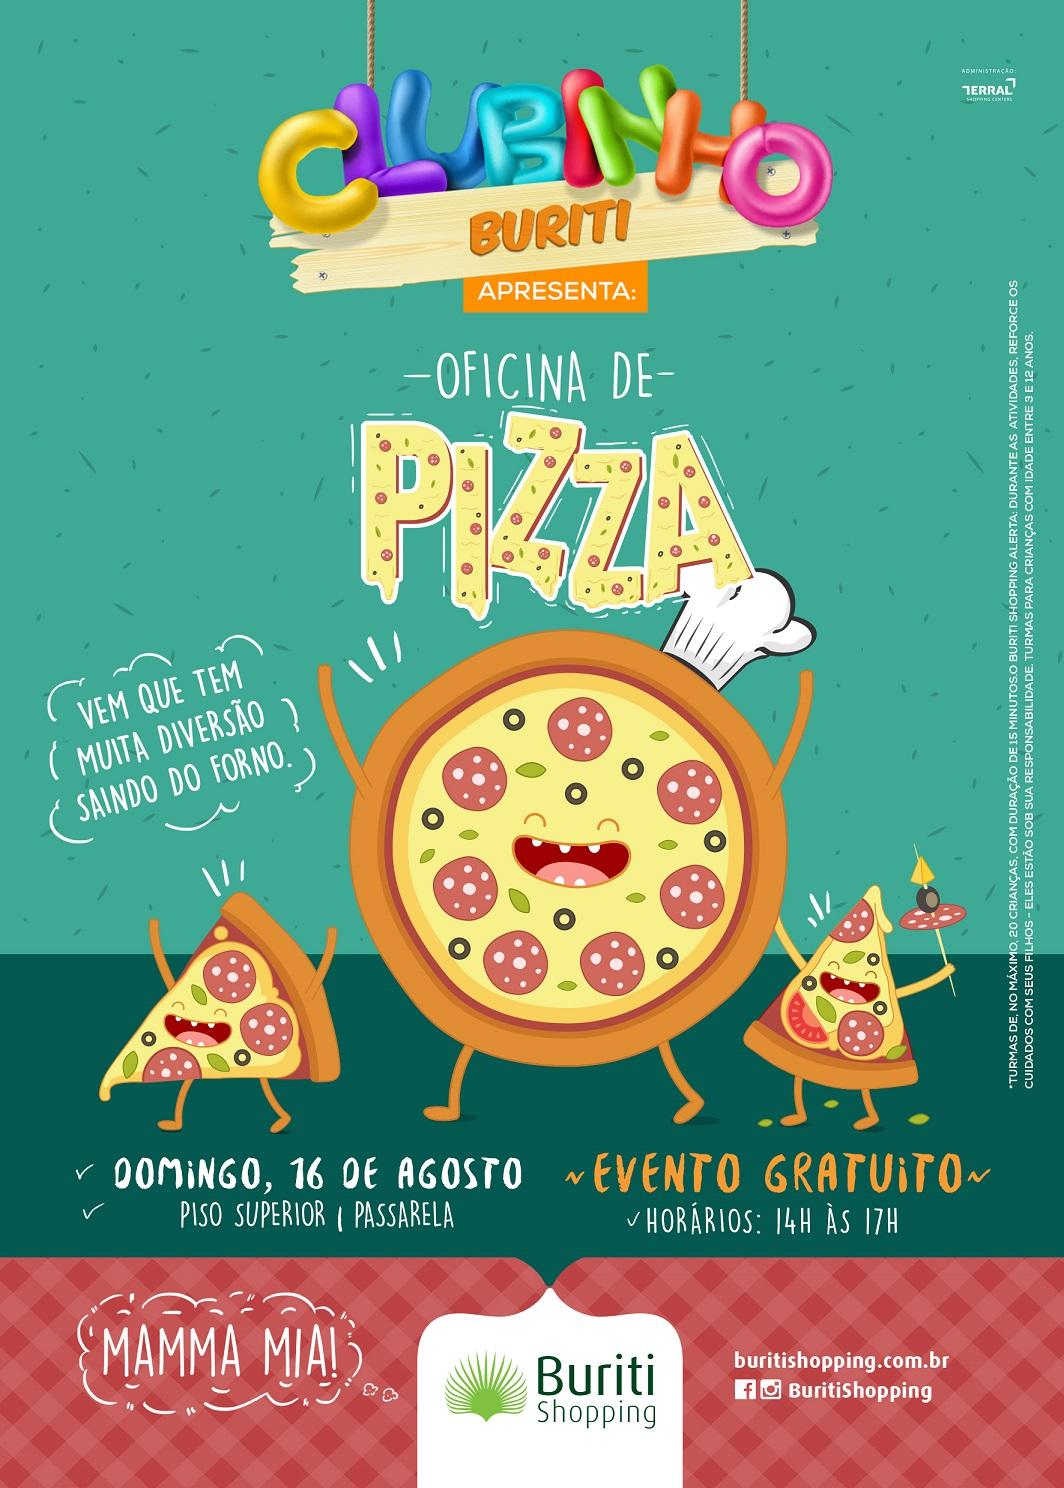 Revista estreia clubinho buriti apresenta oficina de pizza for Horario oficinas correos agosto